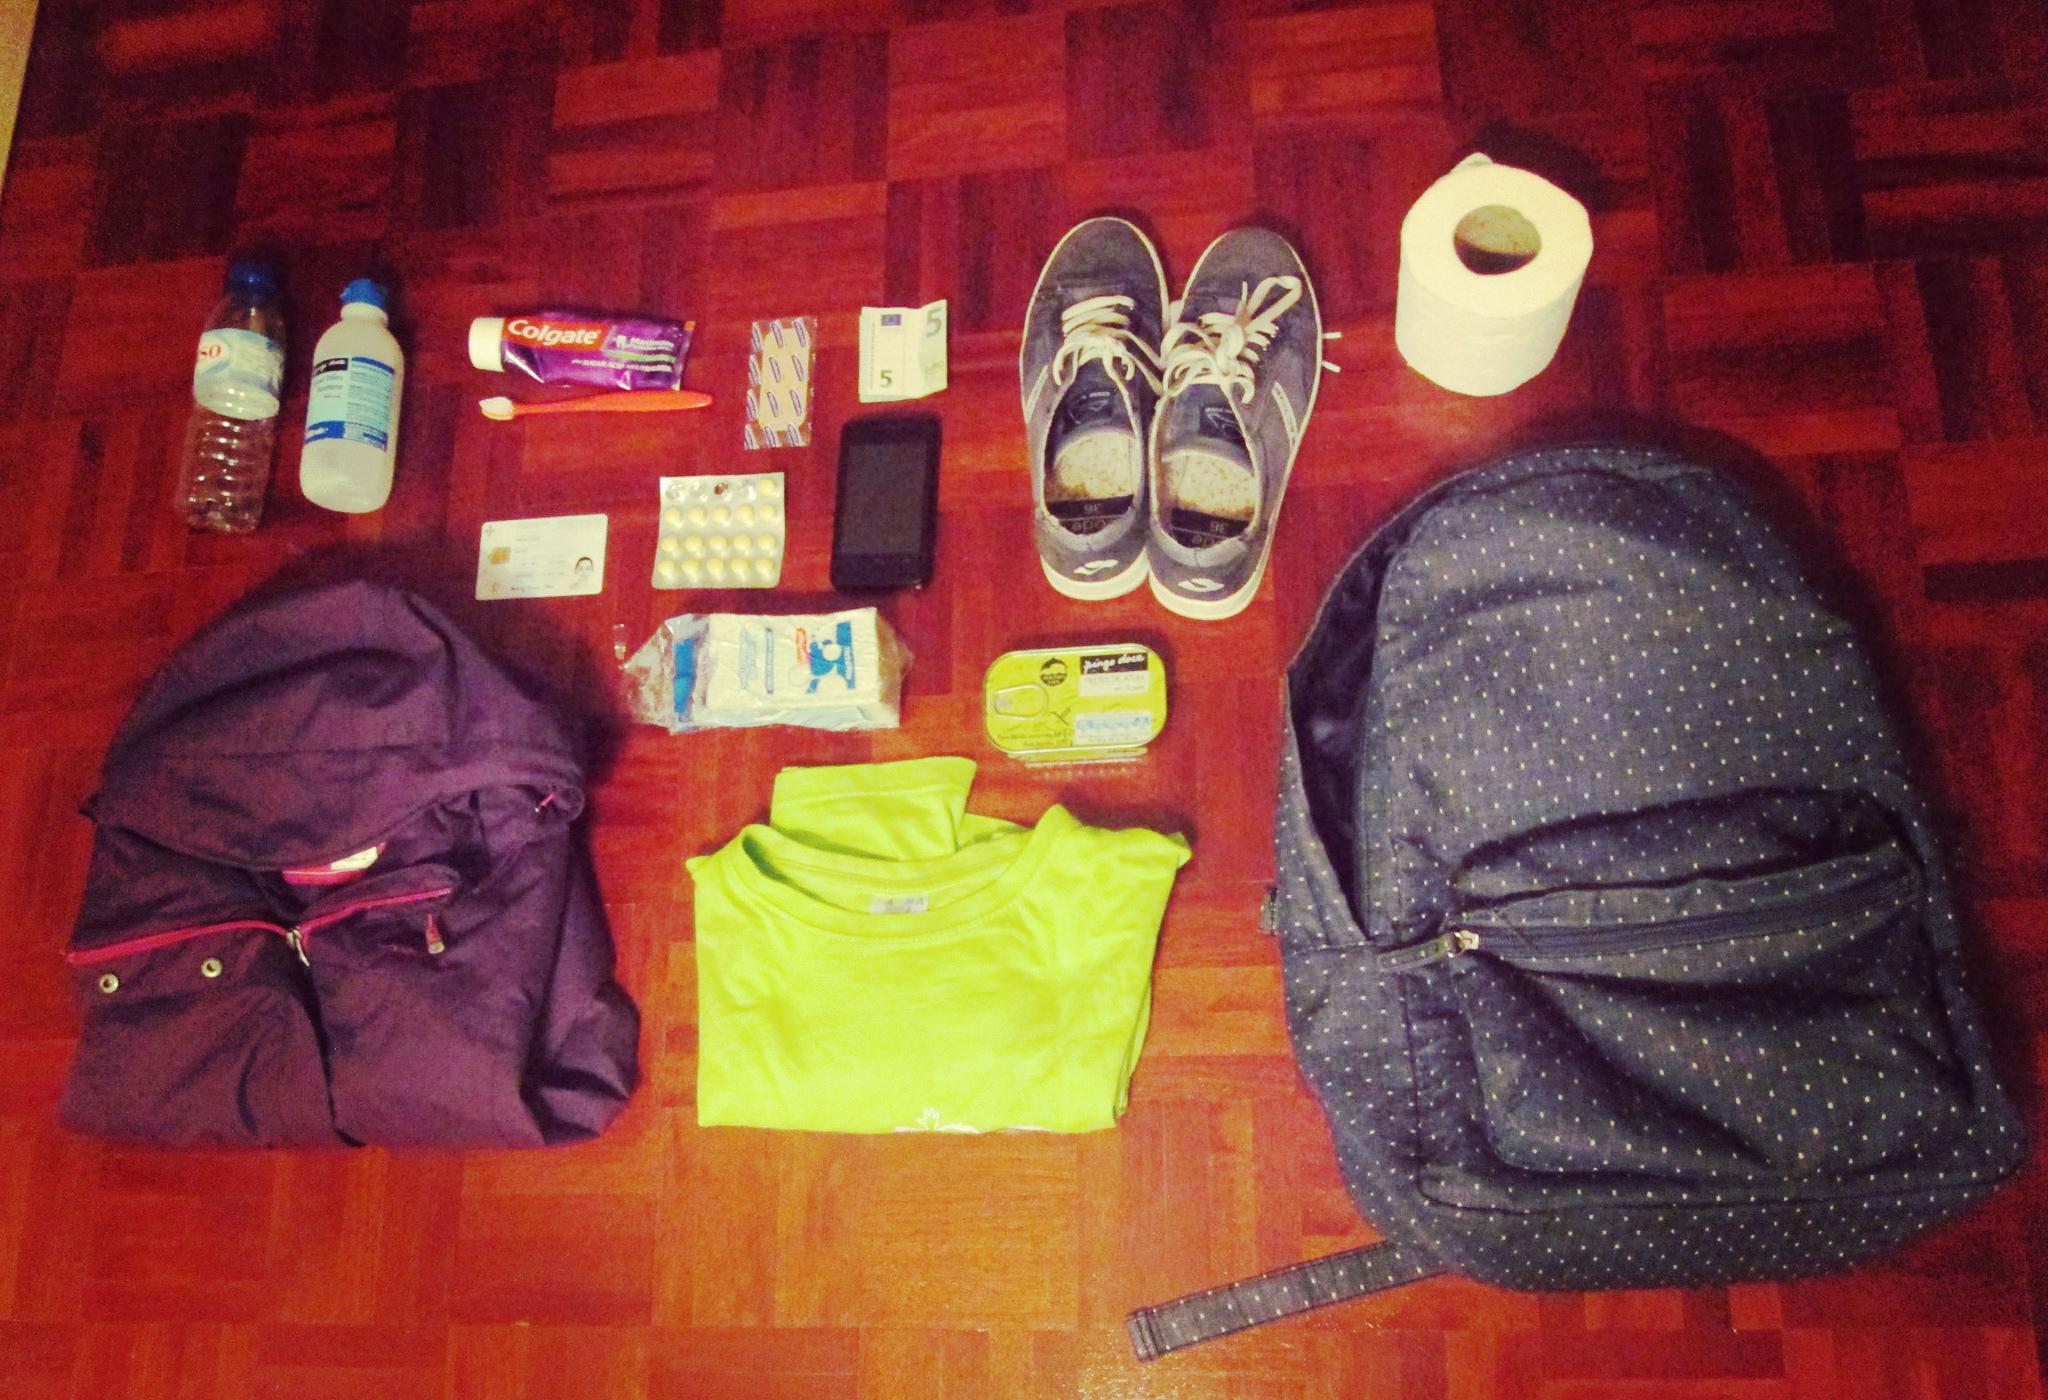 Se fosse um refugiado o que levaria na mochila?